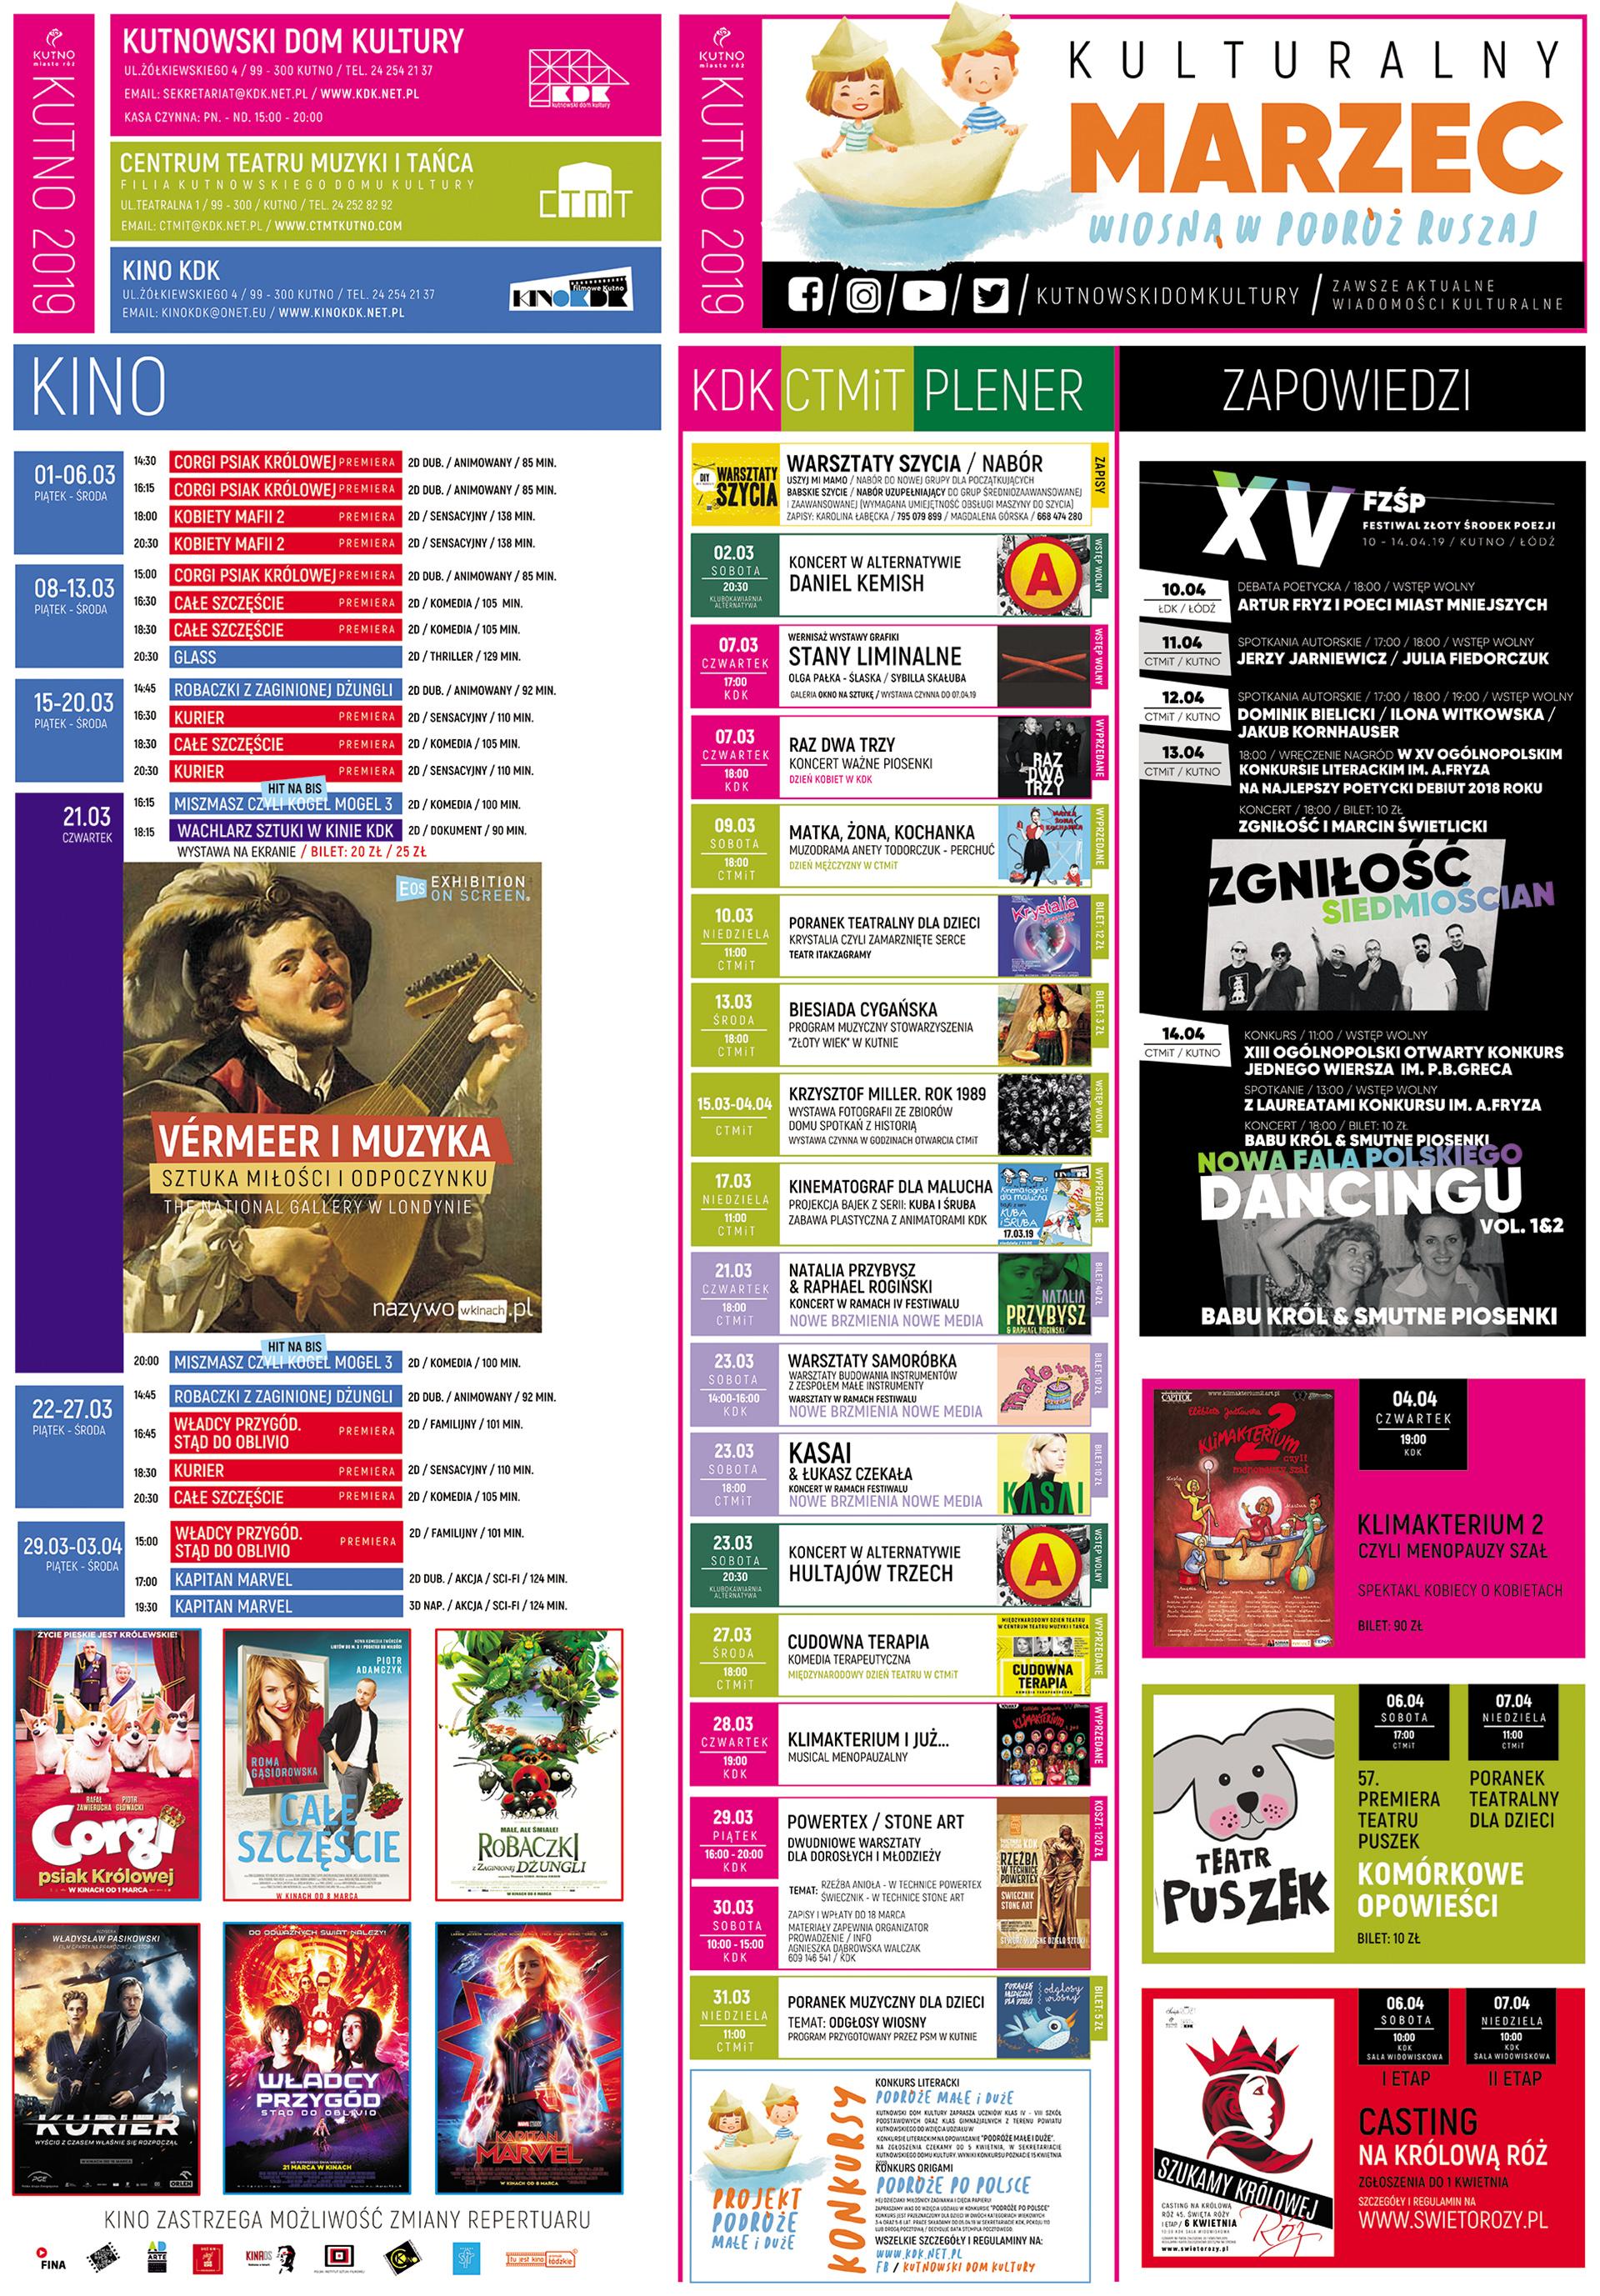 kalendarz kulturalny KDK marzec 2019